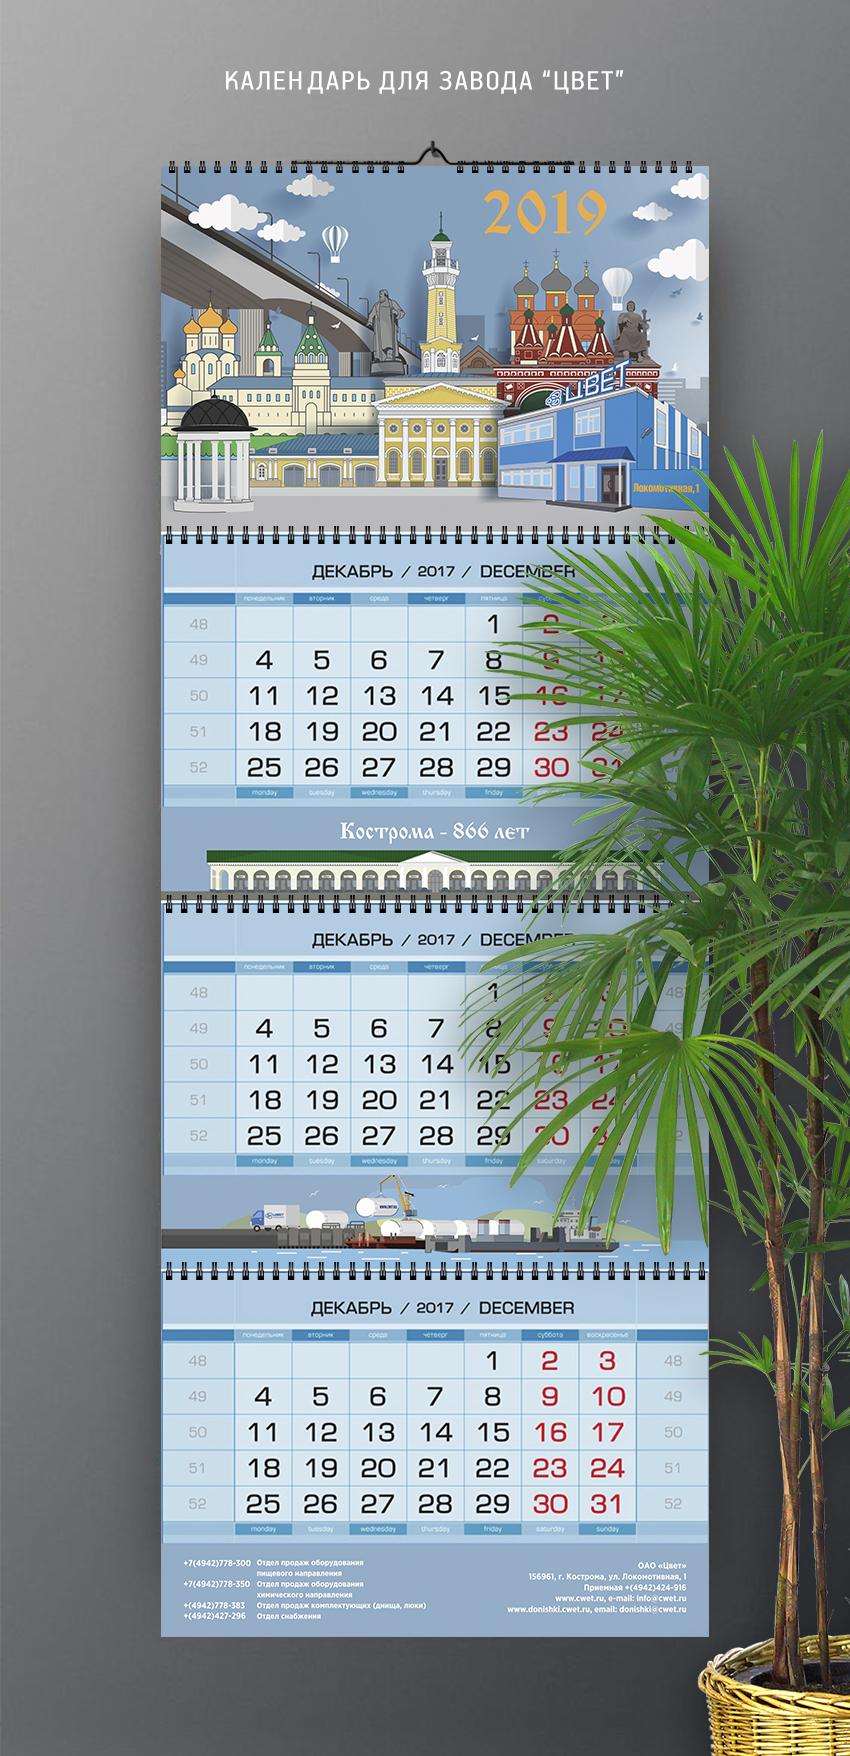 """3 Календаря Трио. Квартальный календарь. Разработка дизайна КАЛЕНДАРЯ """"Стан"""", """"Цвет."""""""